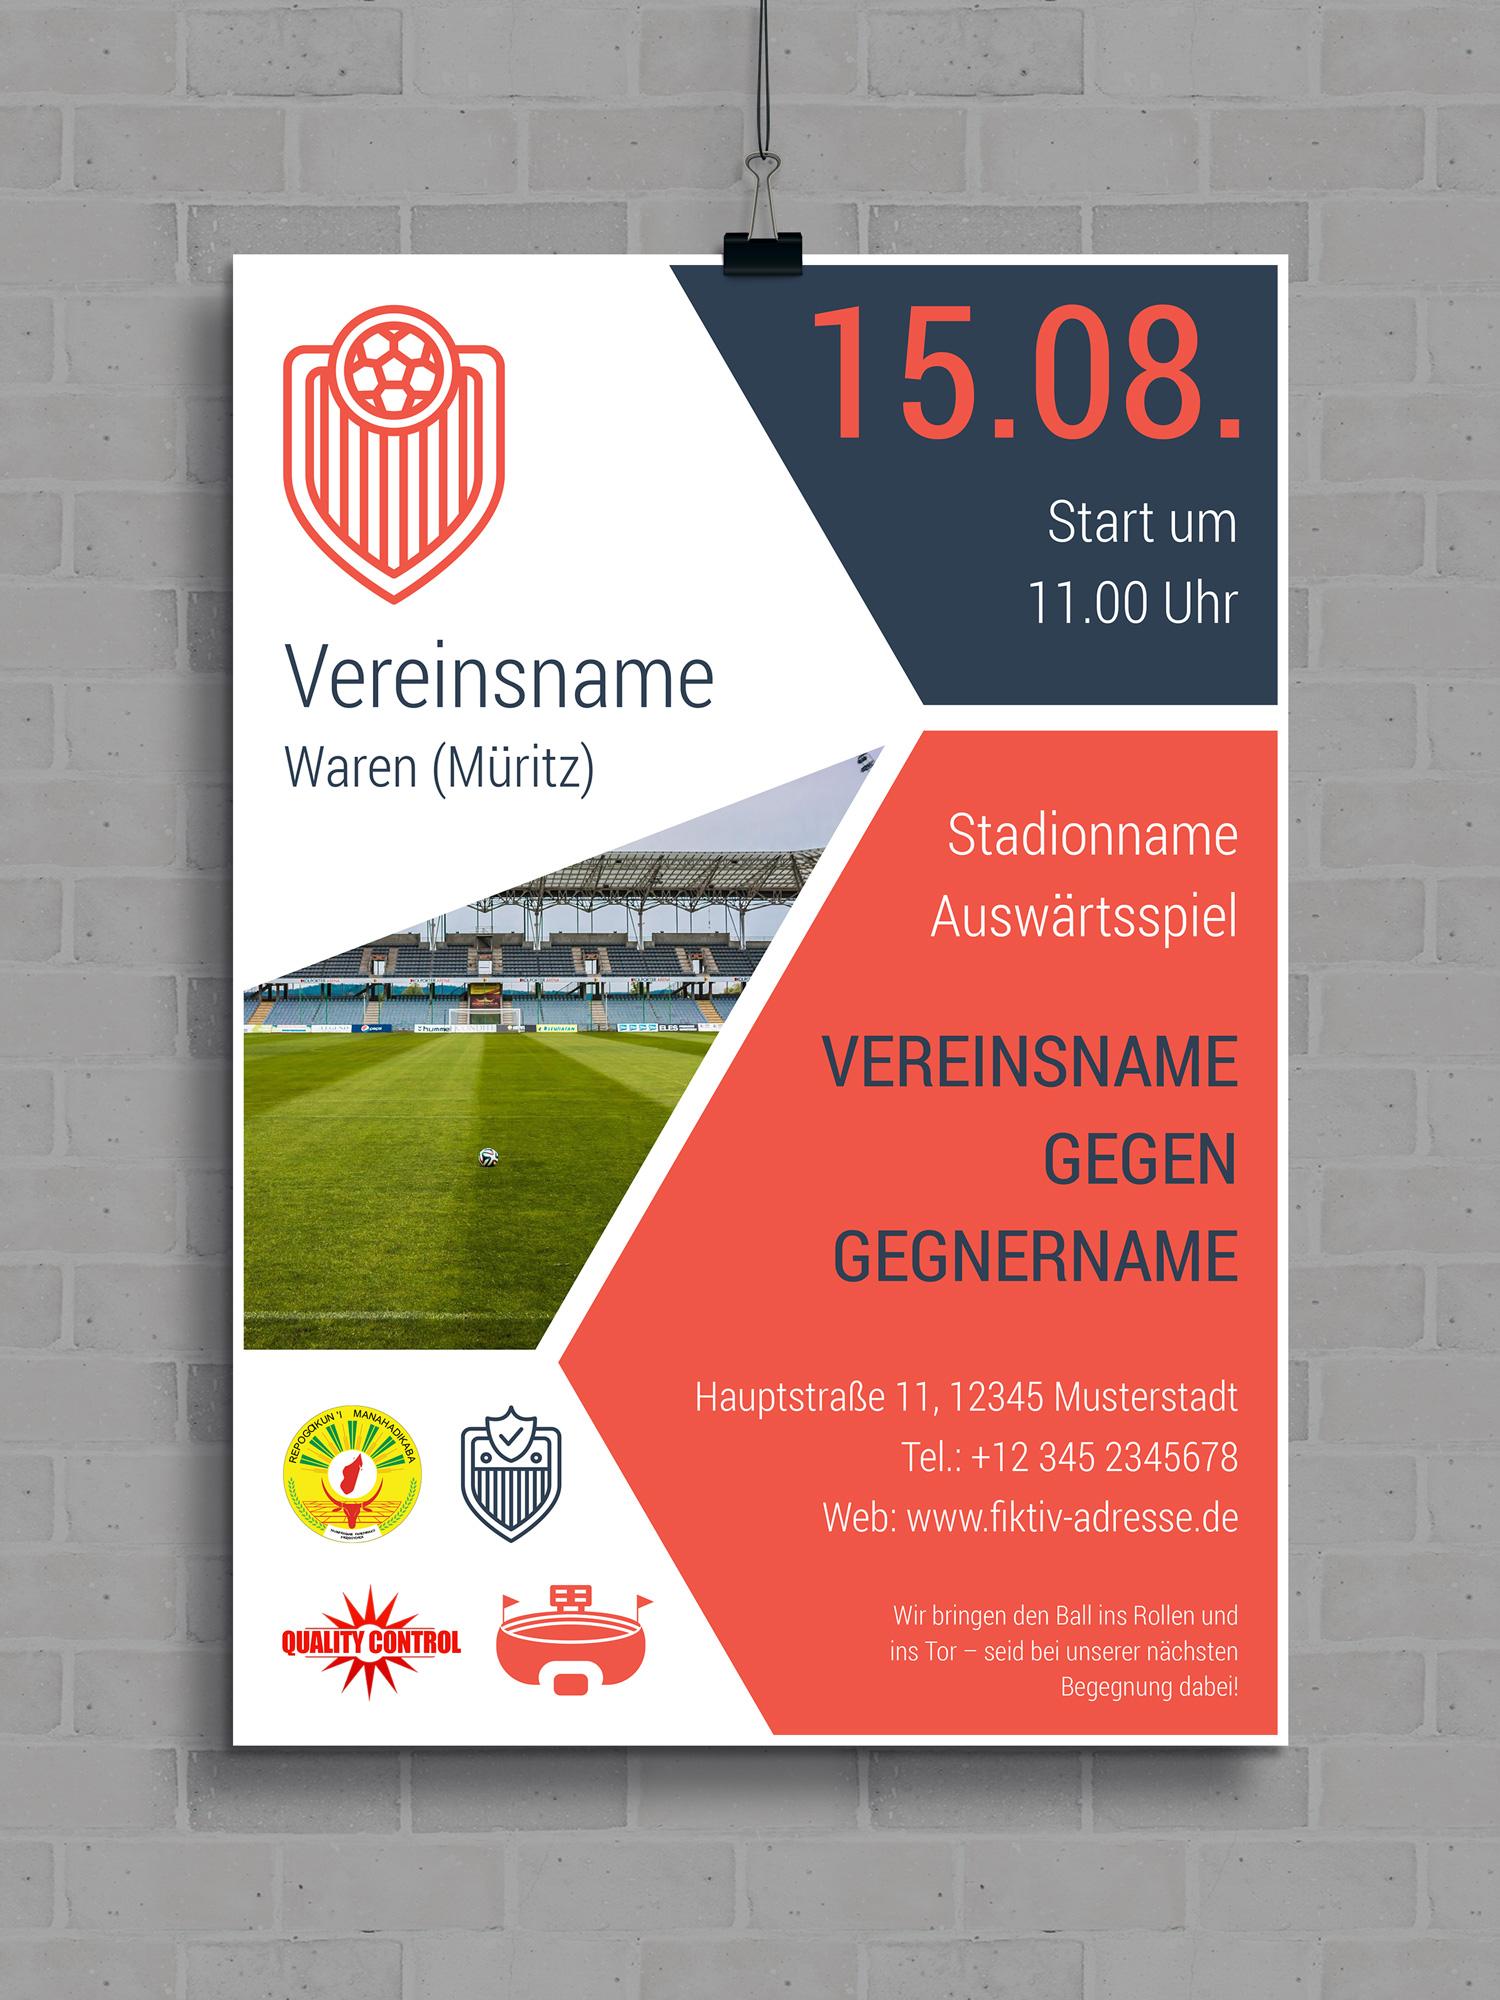 Vorlage für einen Flyer oder ein Fußball-Plakat zur Ankündigung von Spielen, anpassbar auf andere Sportarten.